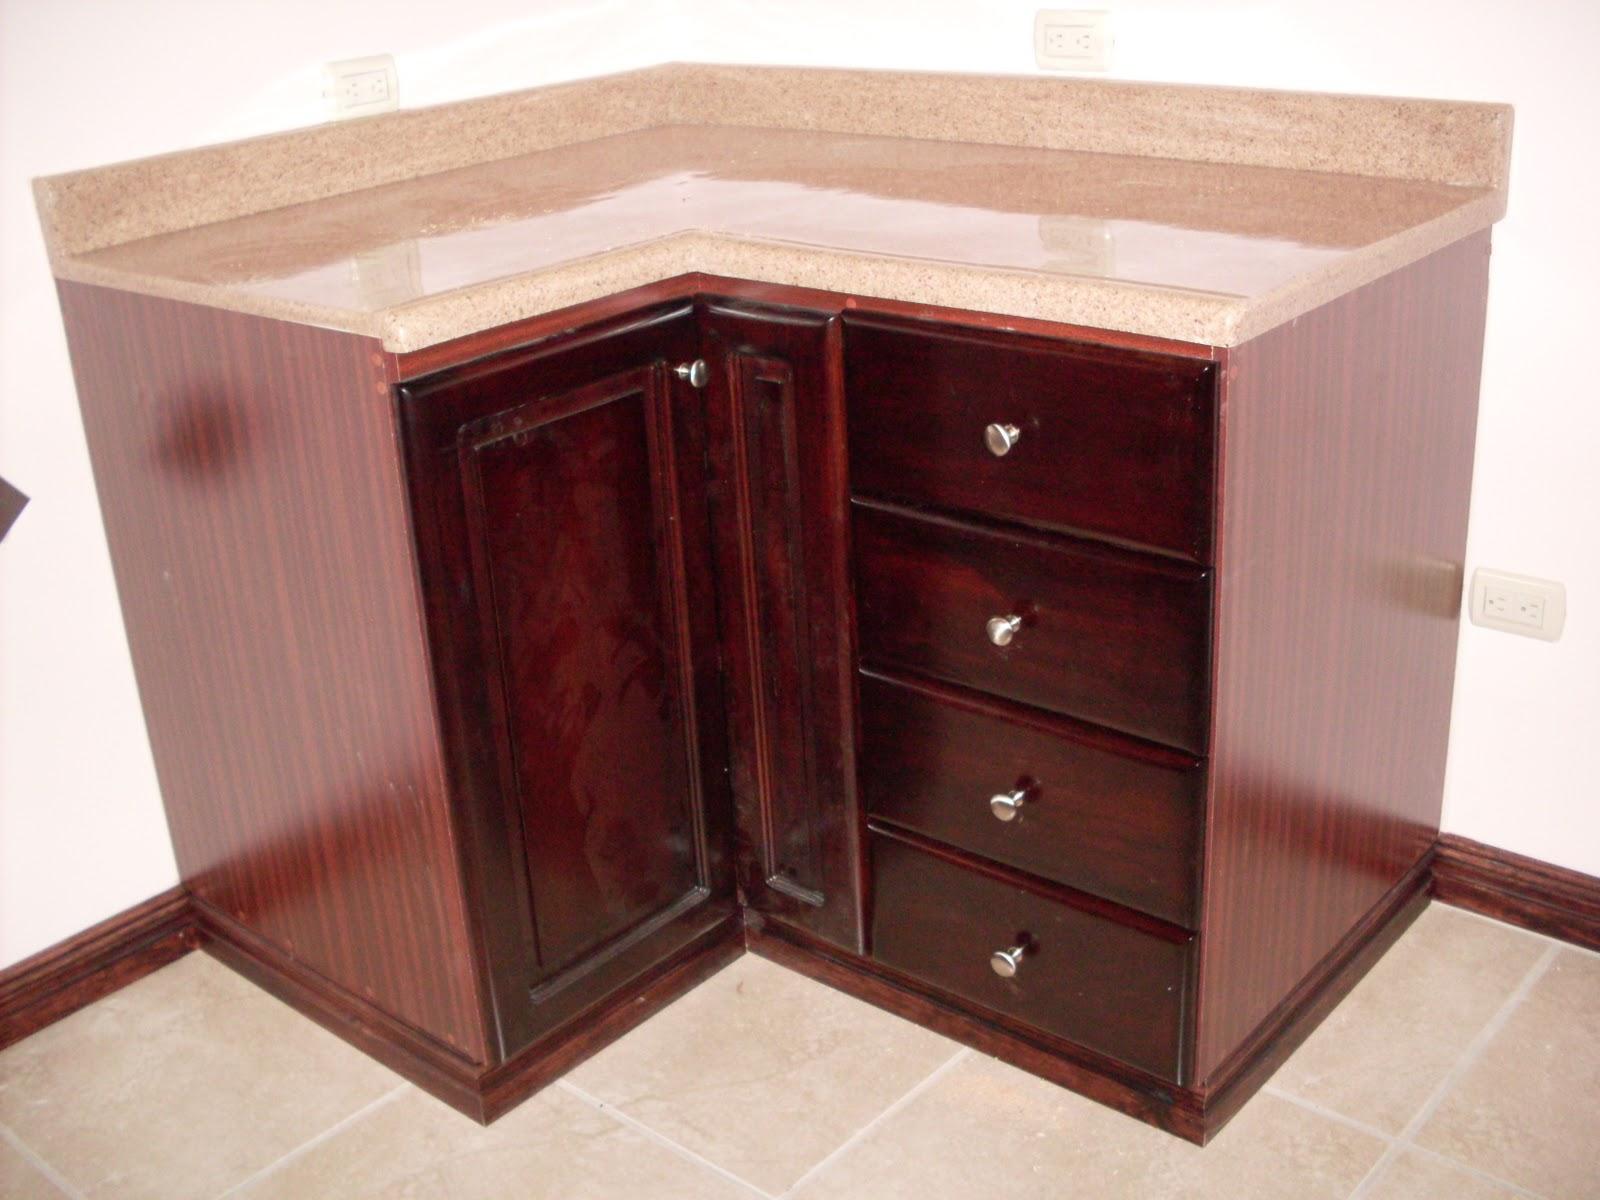 Mueble esquinero cocina beautiful cocina un mueble para for Muebles de cocina esquineros